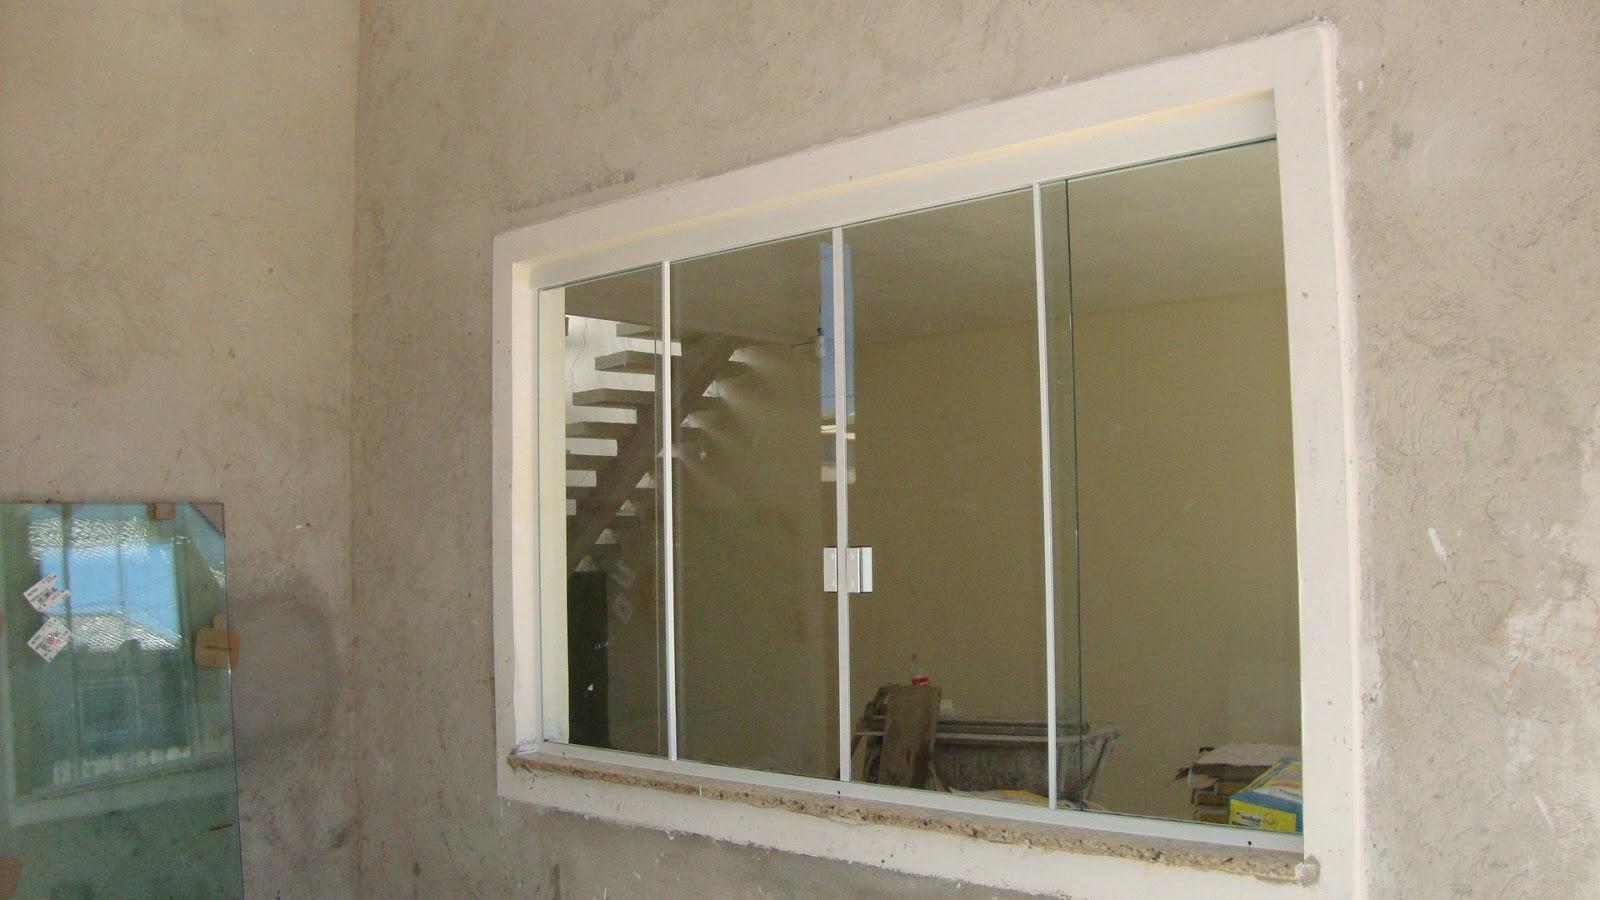 #3F728C Odisseia Habitacional: Janelas instaladas! 184 Janelas De Vidro Na Potiguar